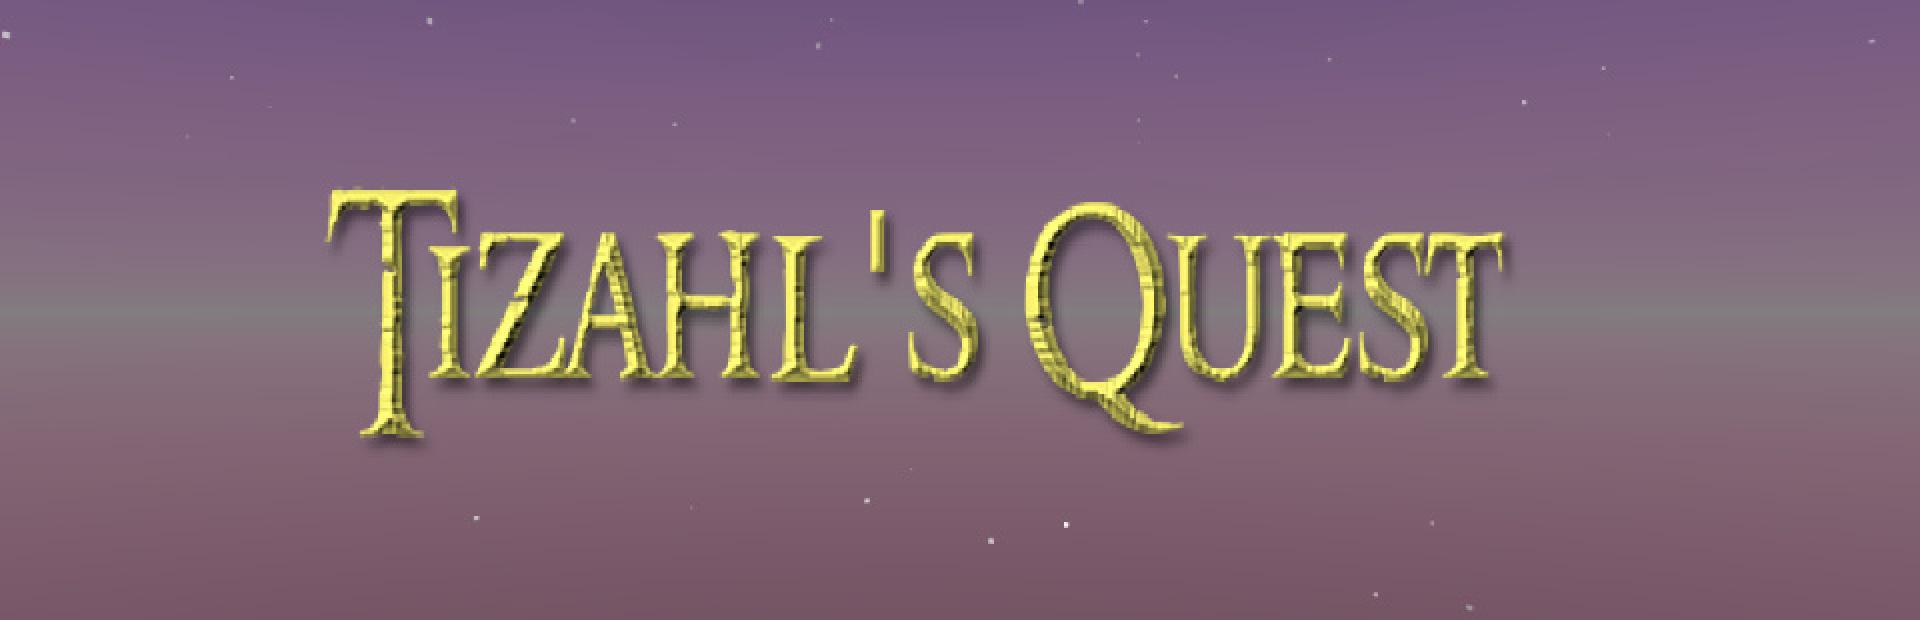 Tizahl's Quest